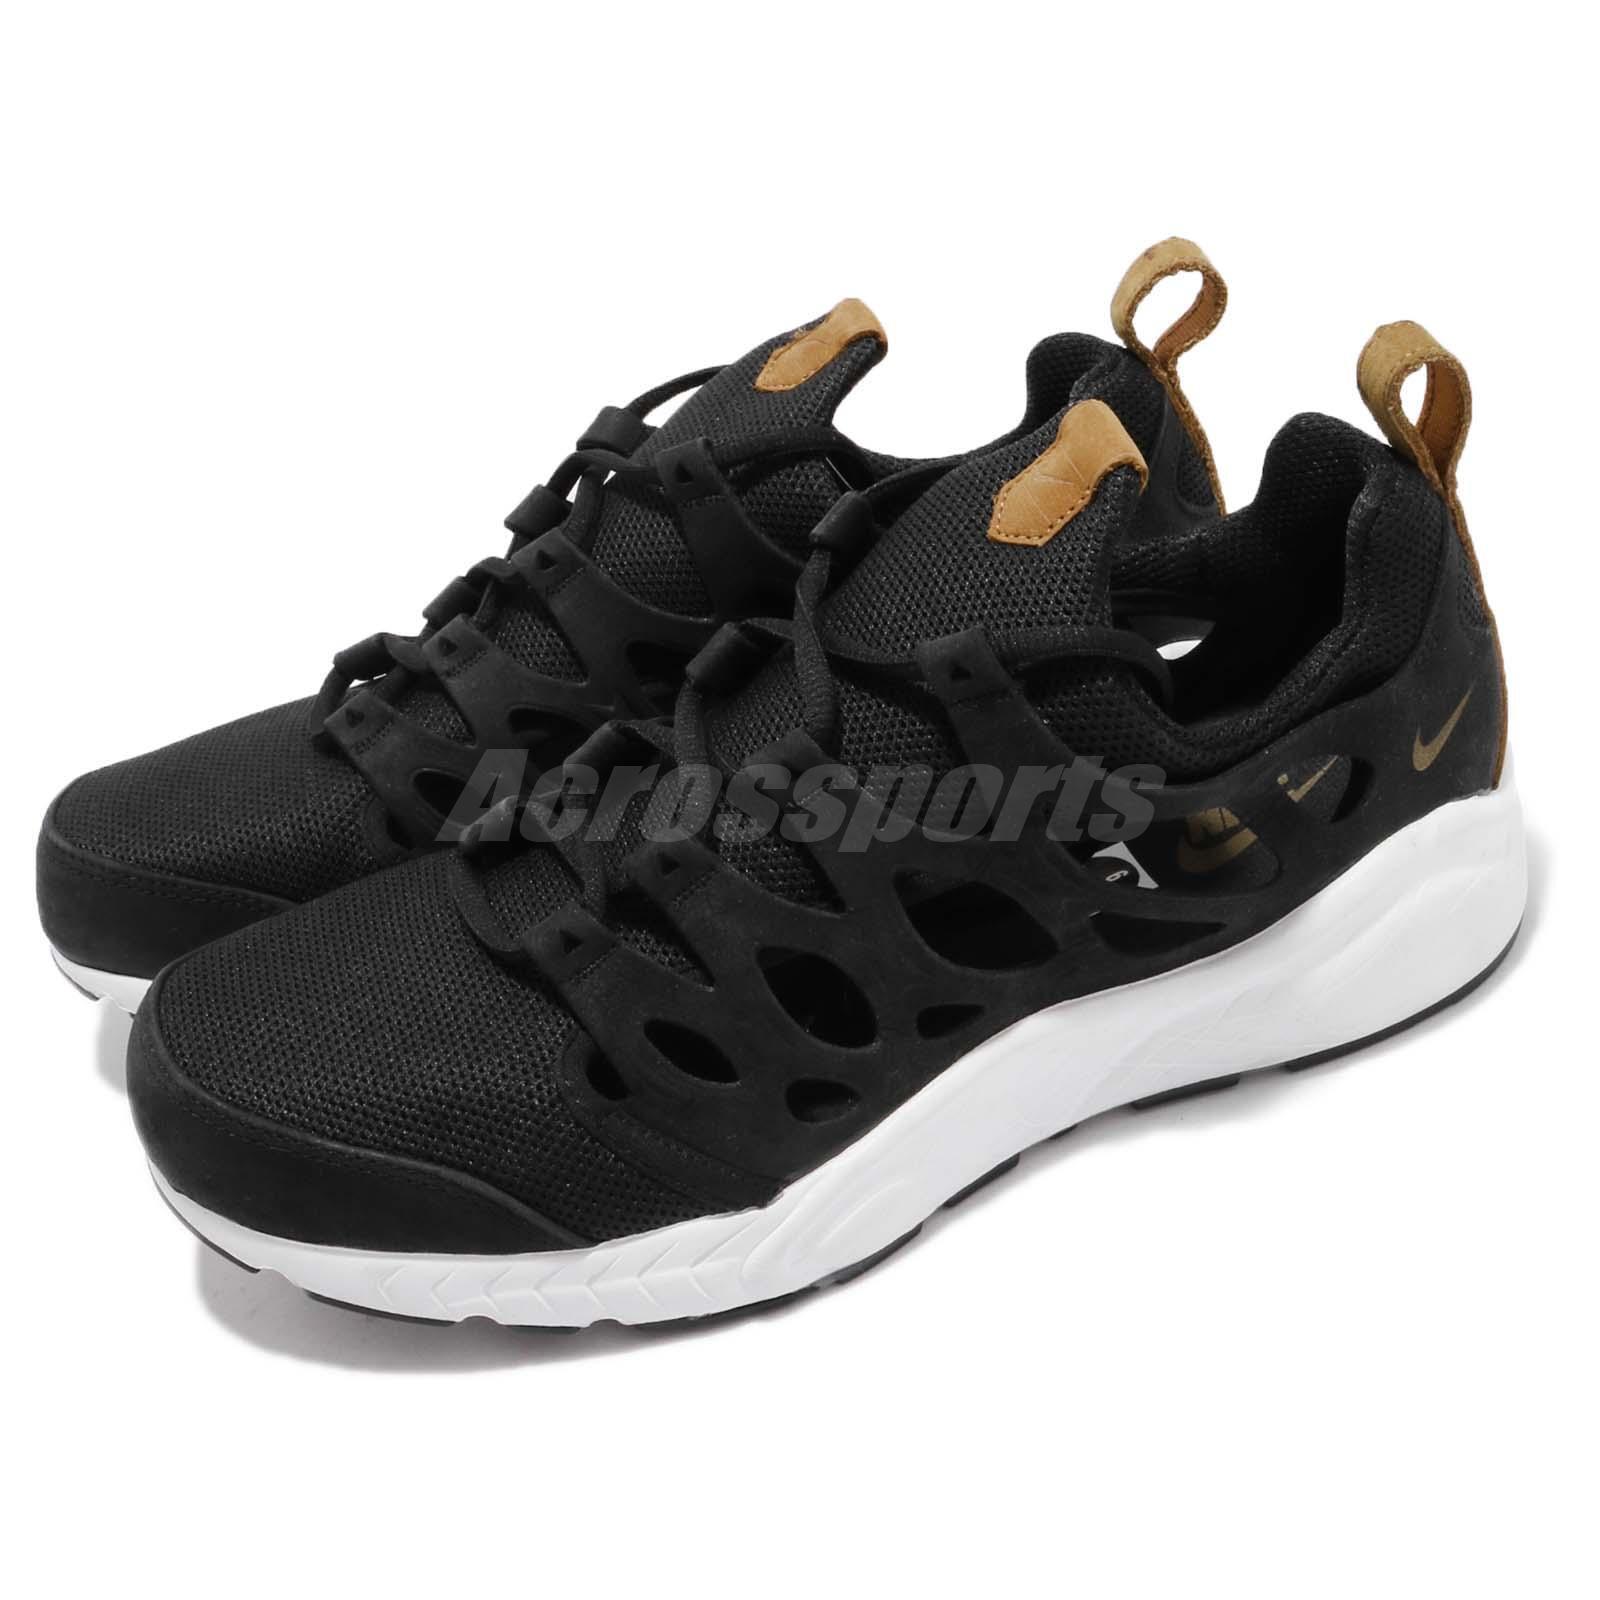 Niko Air Zoom Chalapuka nero bianca  Marronee Men Scarpe Casual scarpe da ginnastica 872634 -001  negozio d'offerta